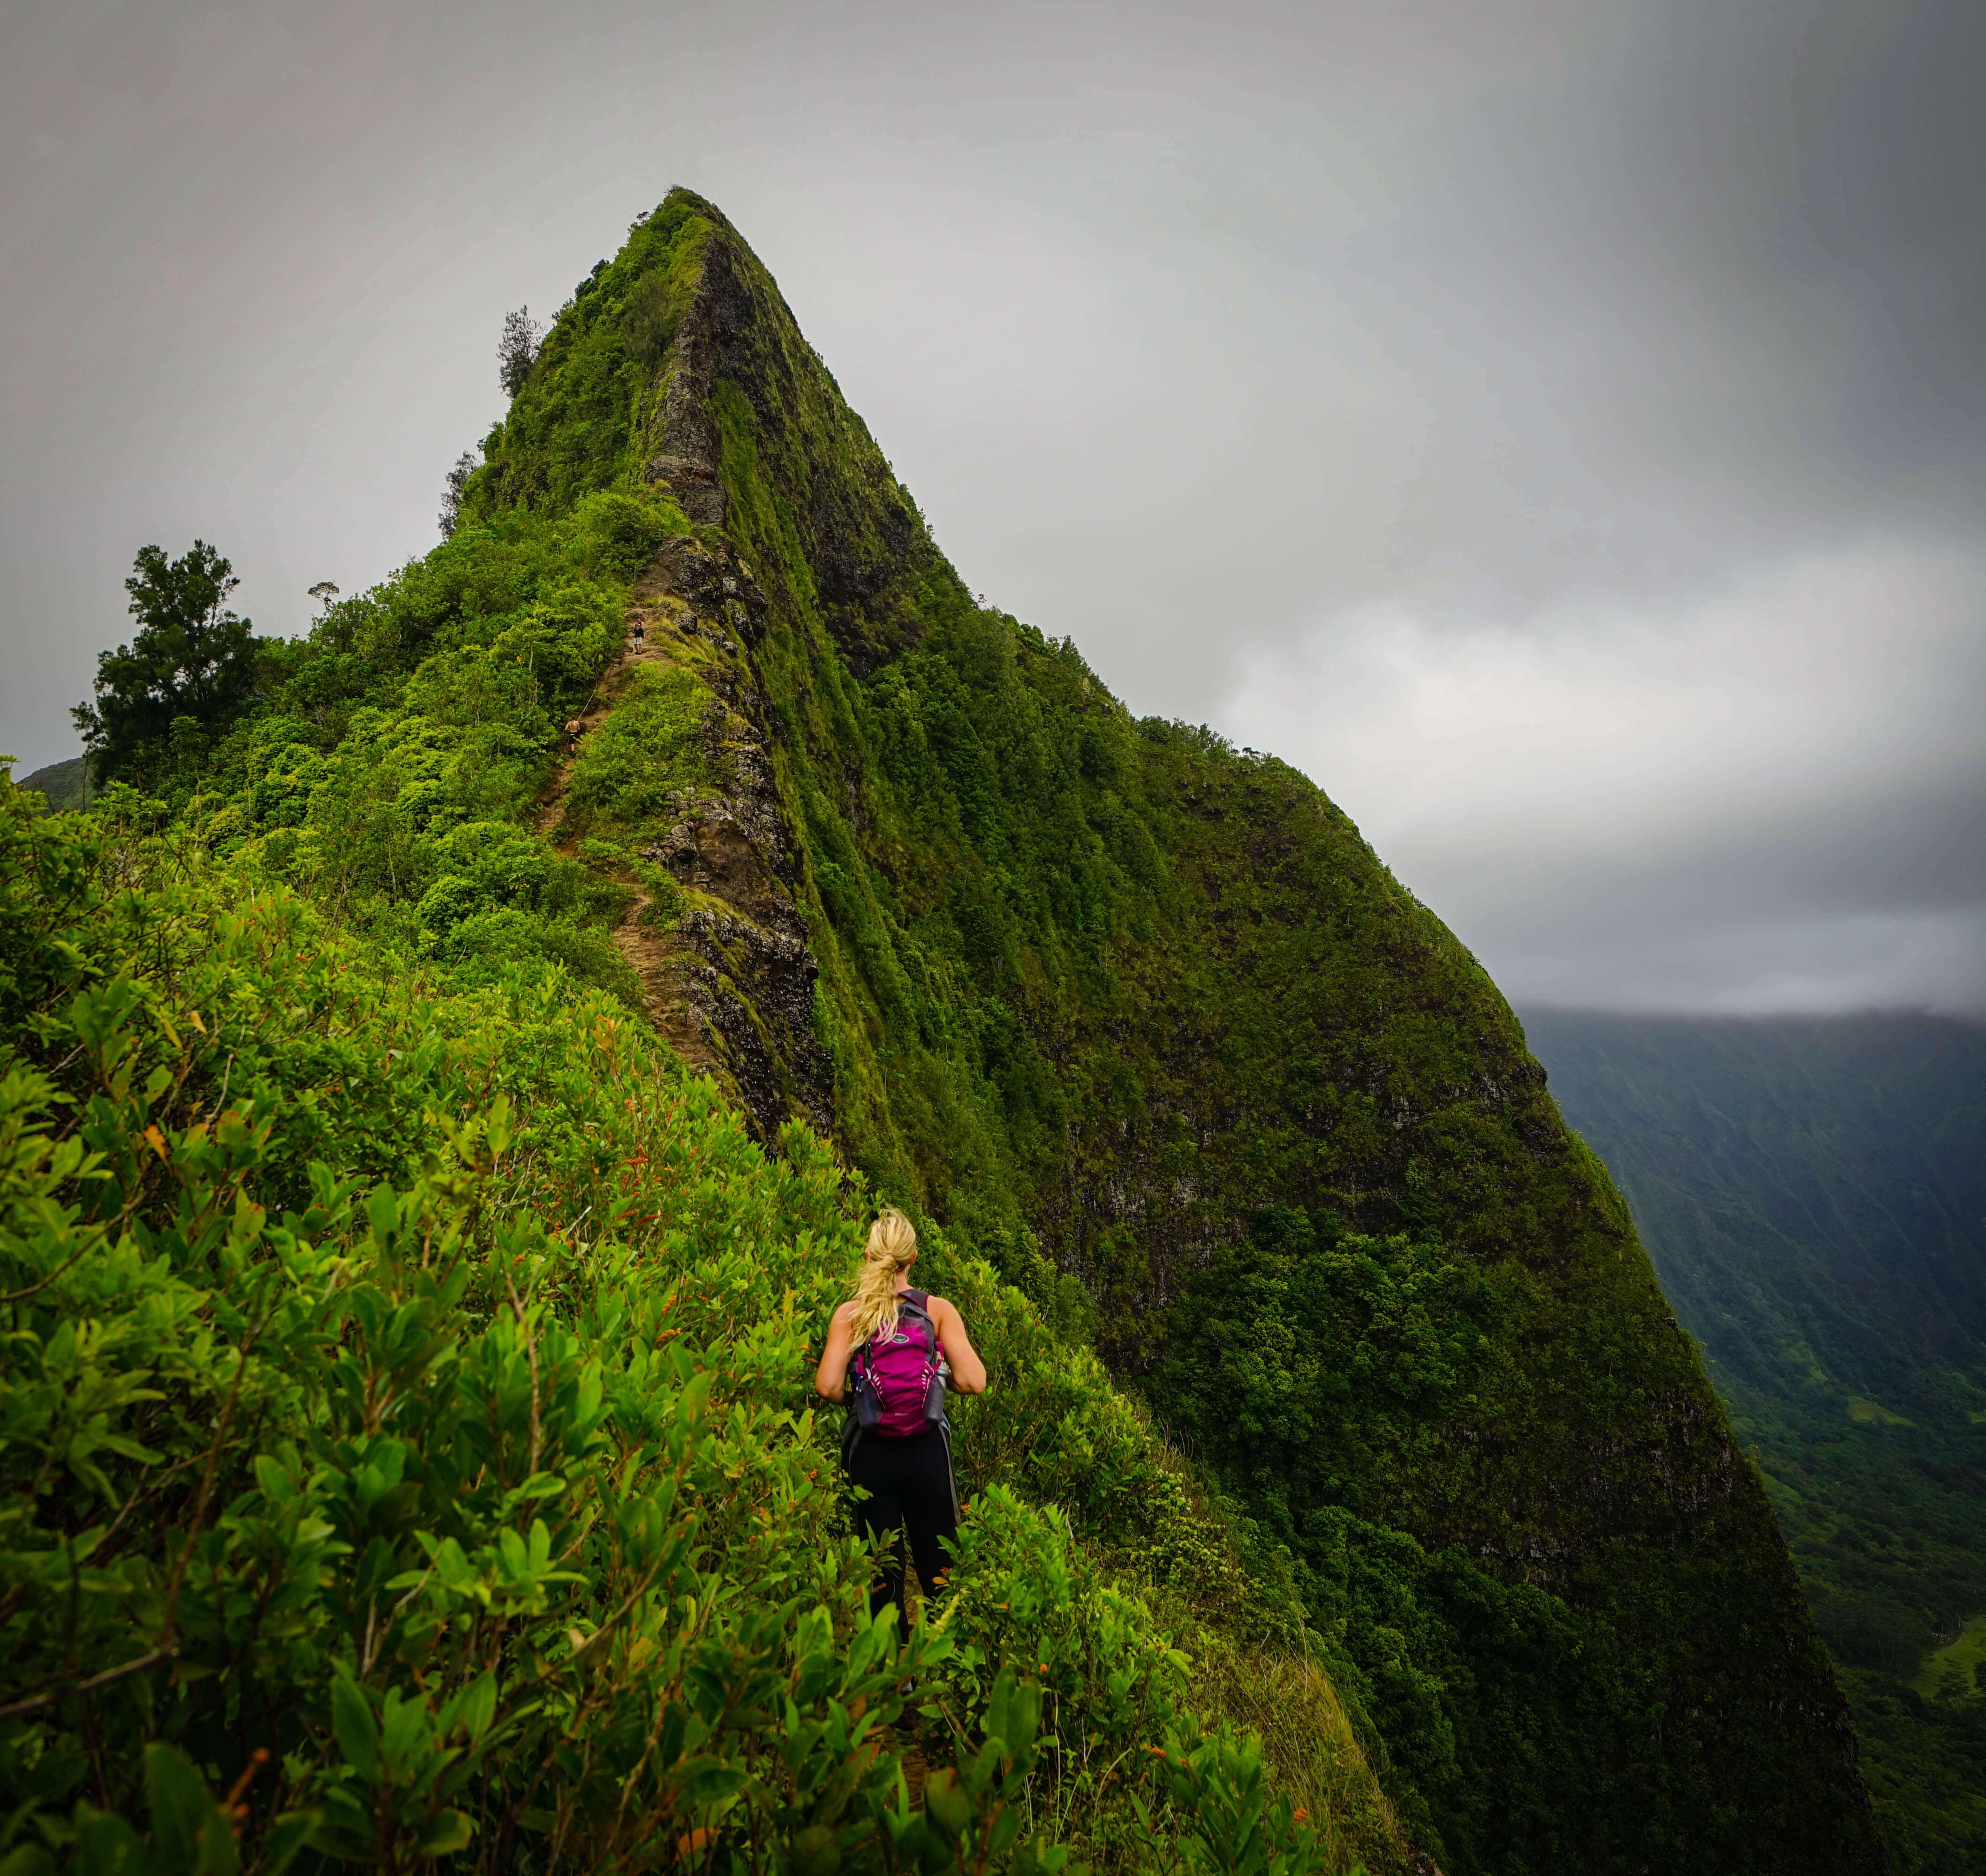 Woman hiking on a ridge in Hawaii